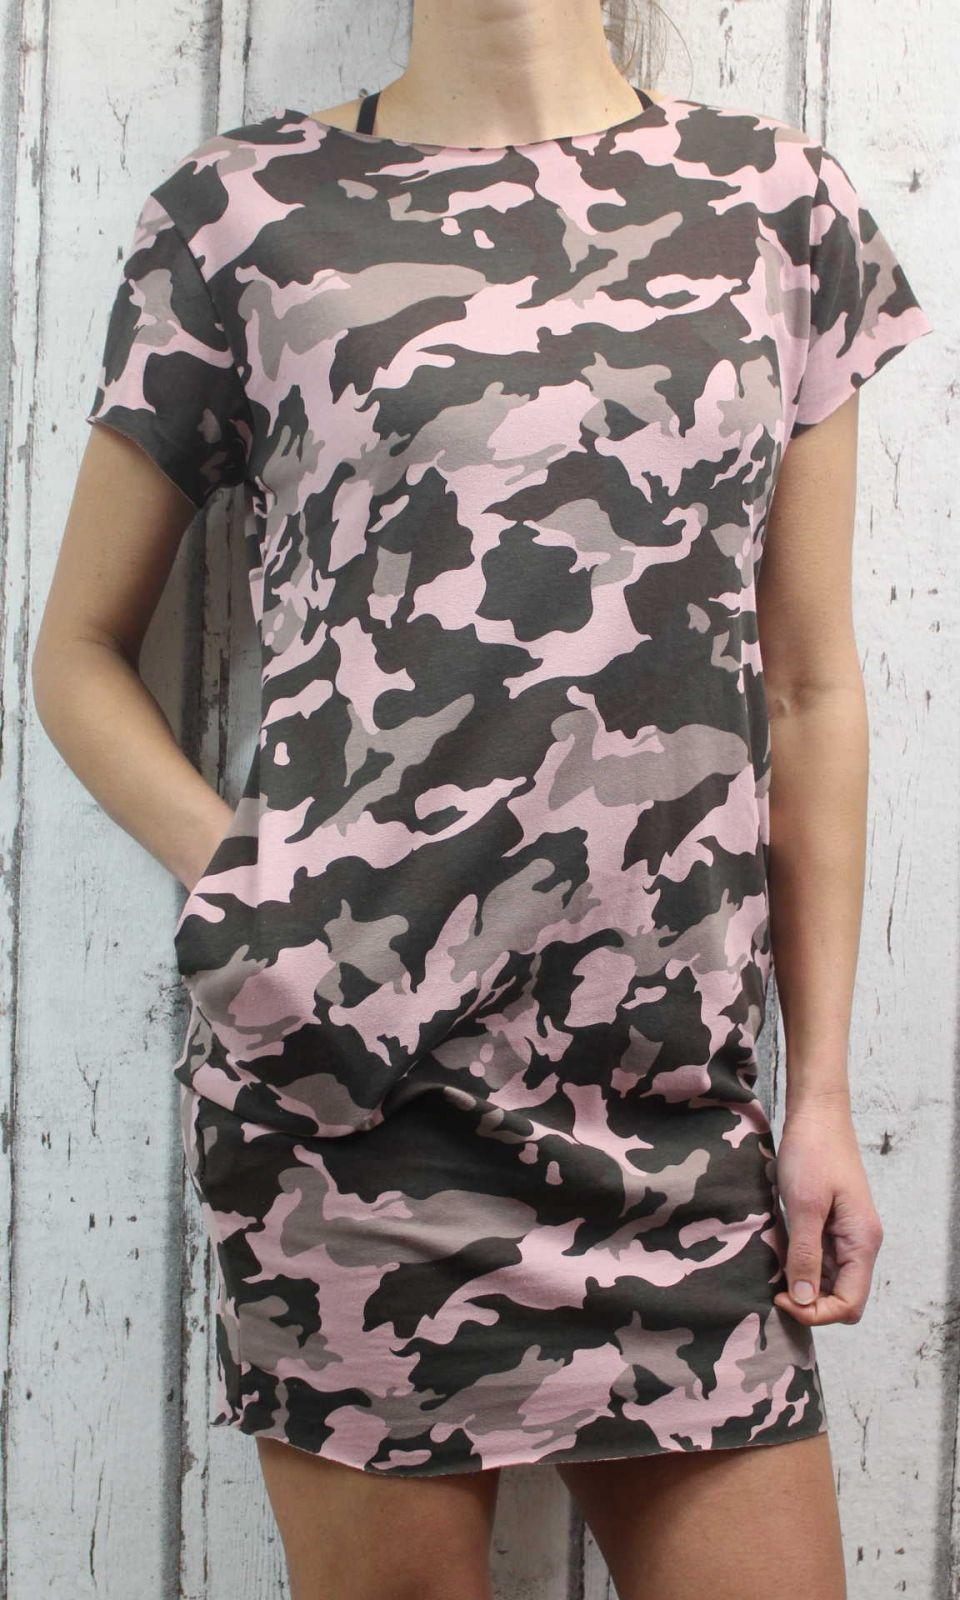 Dámské maskáčové šaty plážové šaty, dámská tunika, pohodlné šaty dámské šaty maskáčové růžové Italy Moda